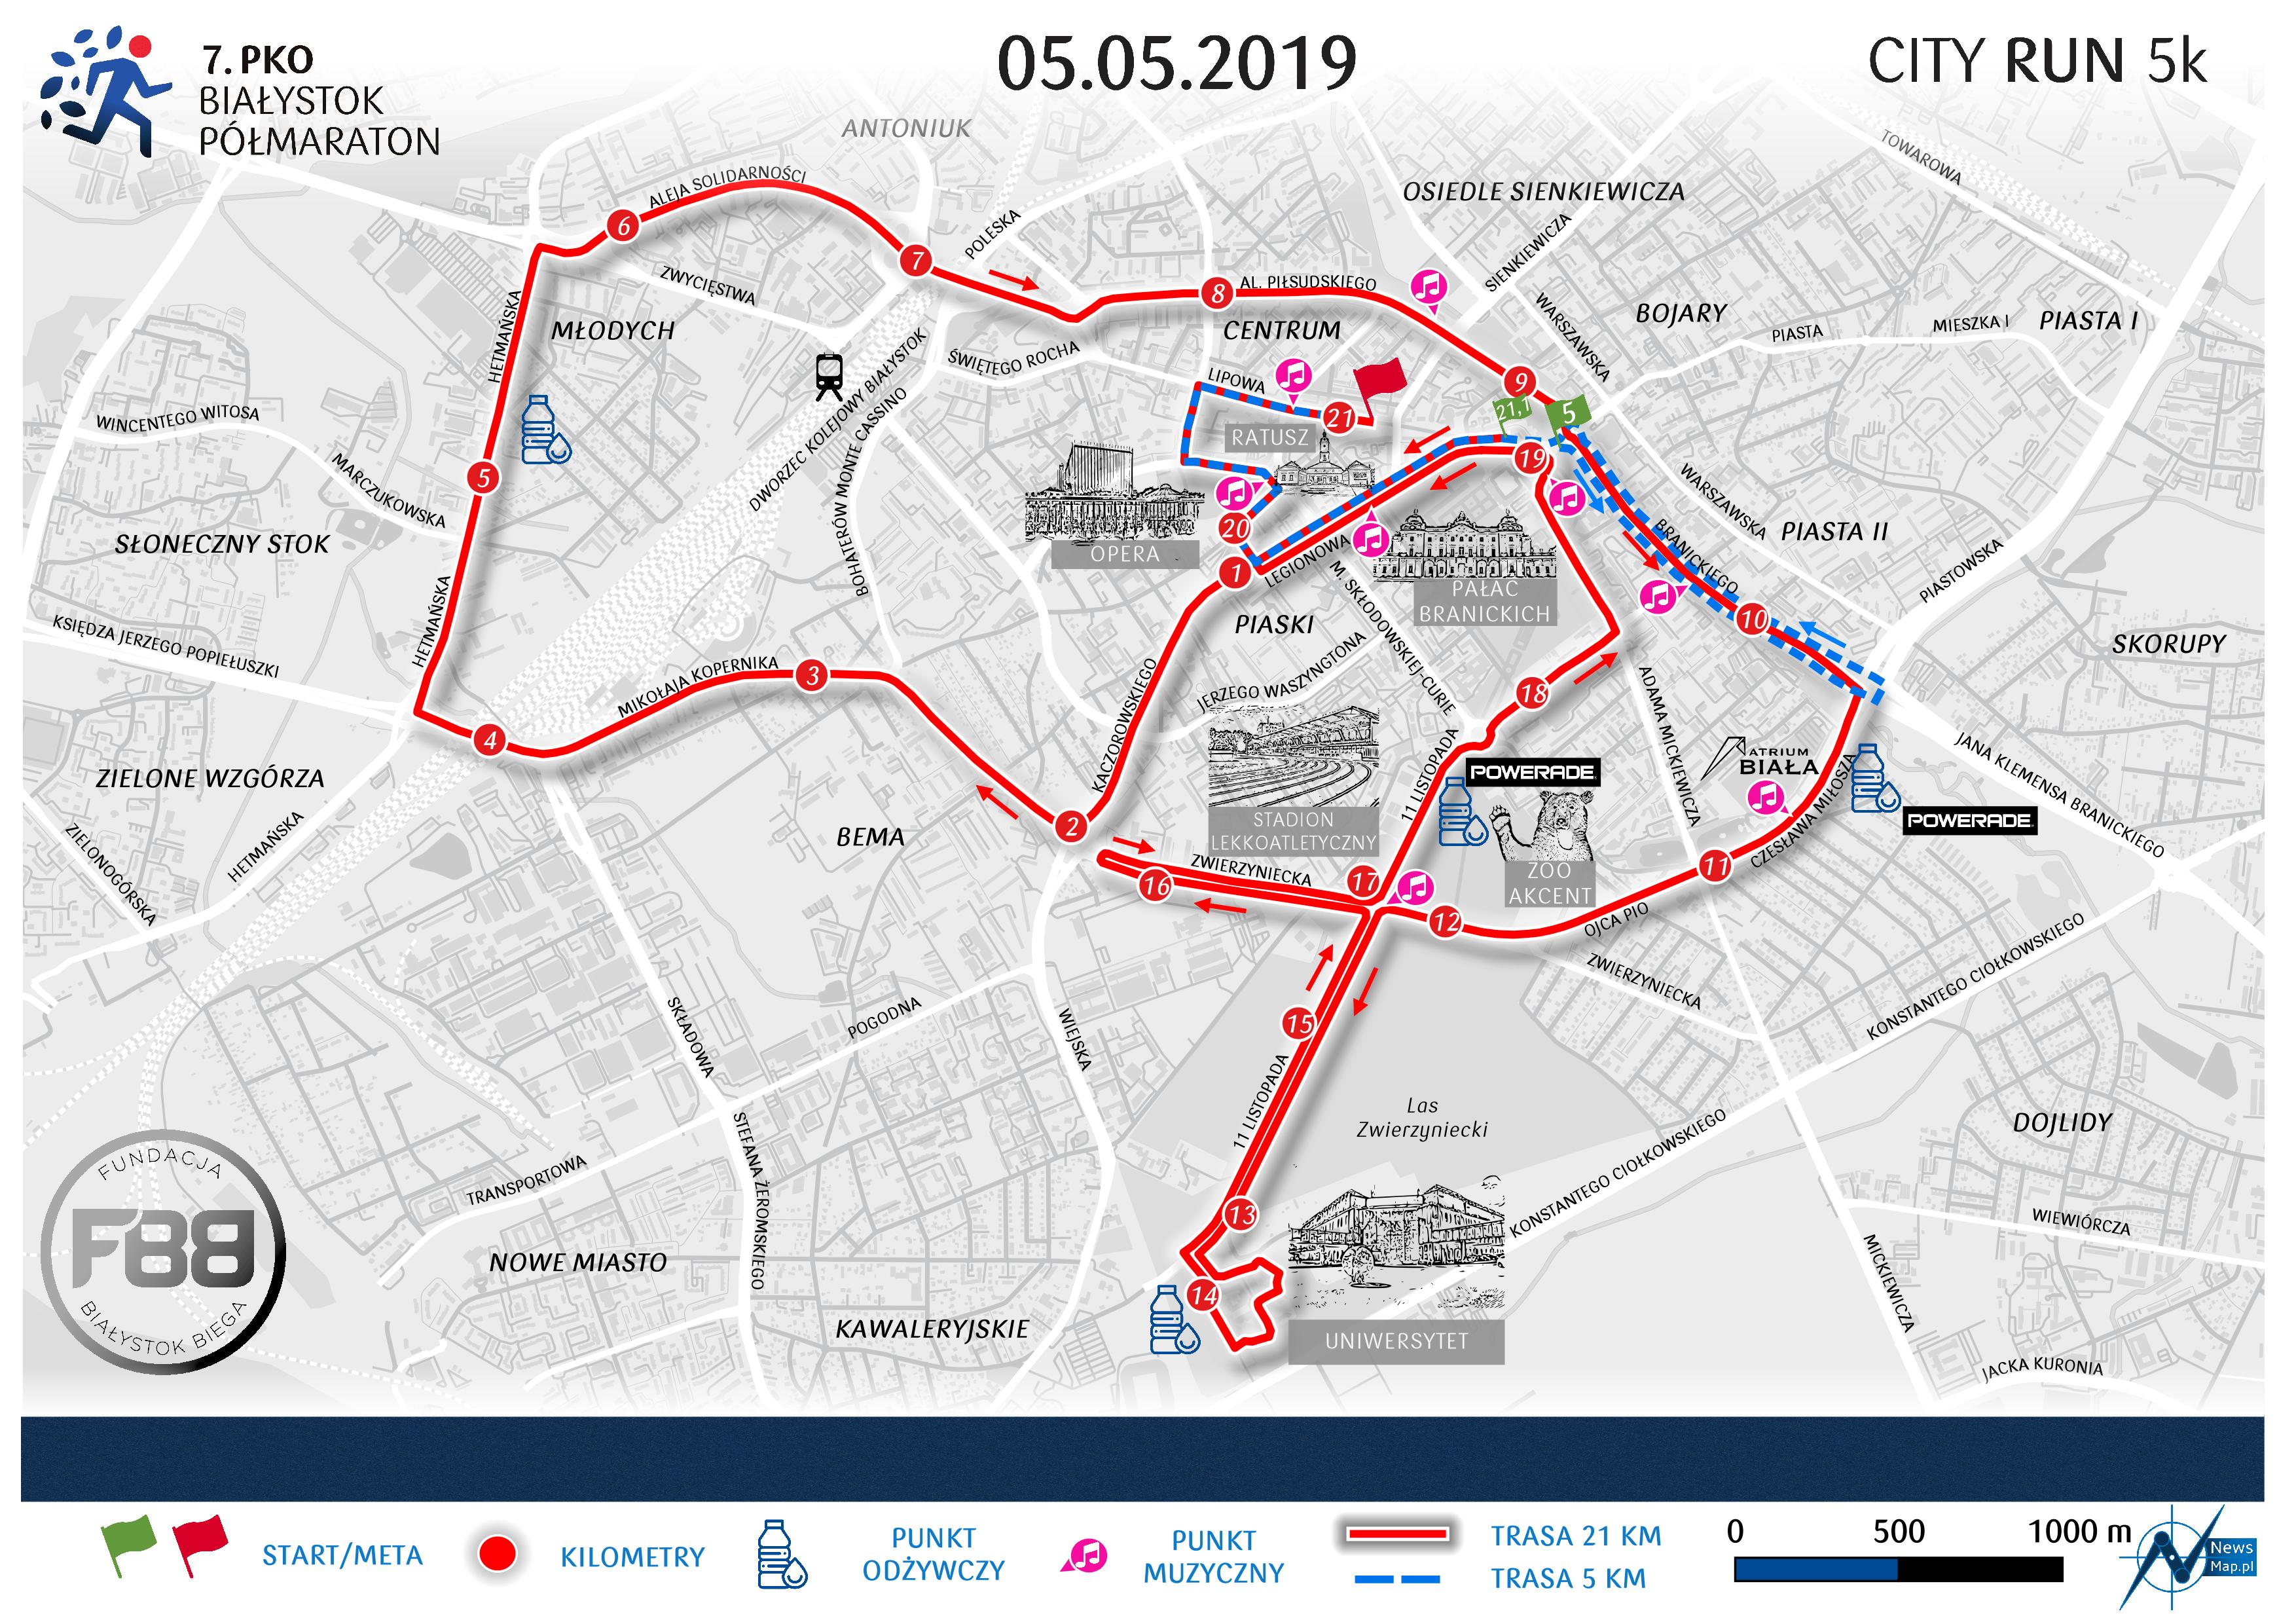 Mapa statyczna 7. PKO Półmaraton Białystok - 21 km + 5 km